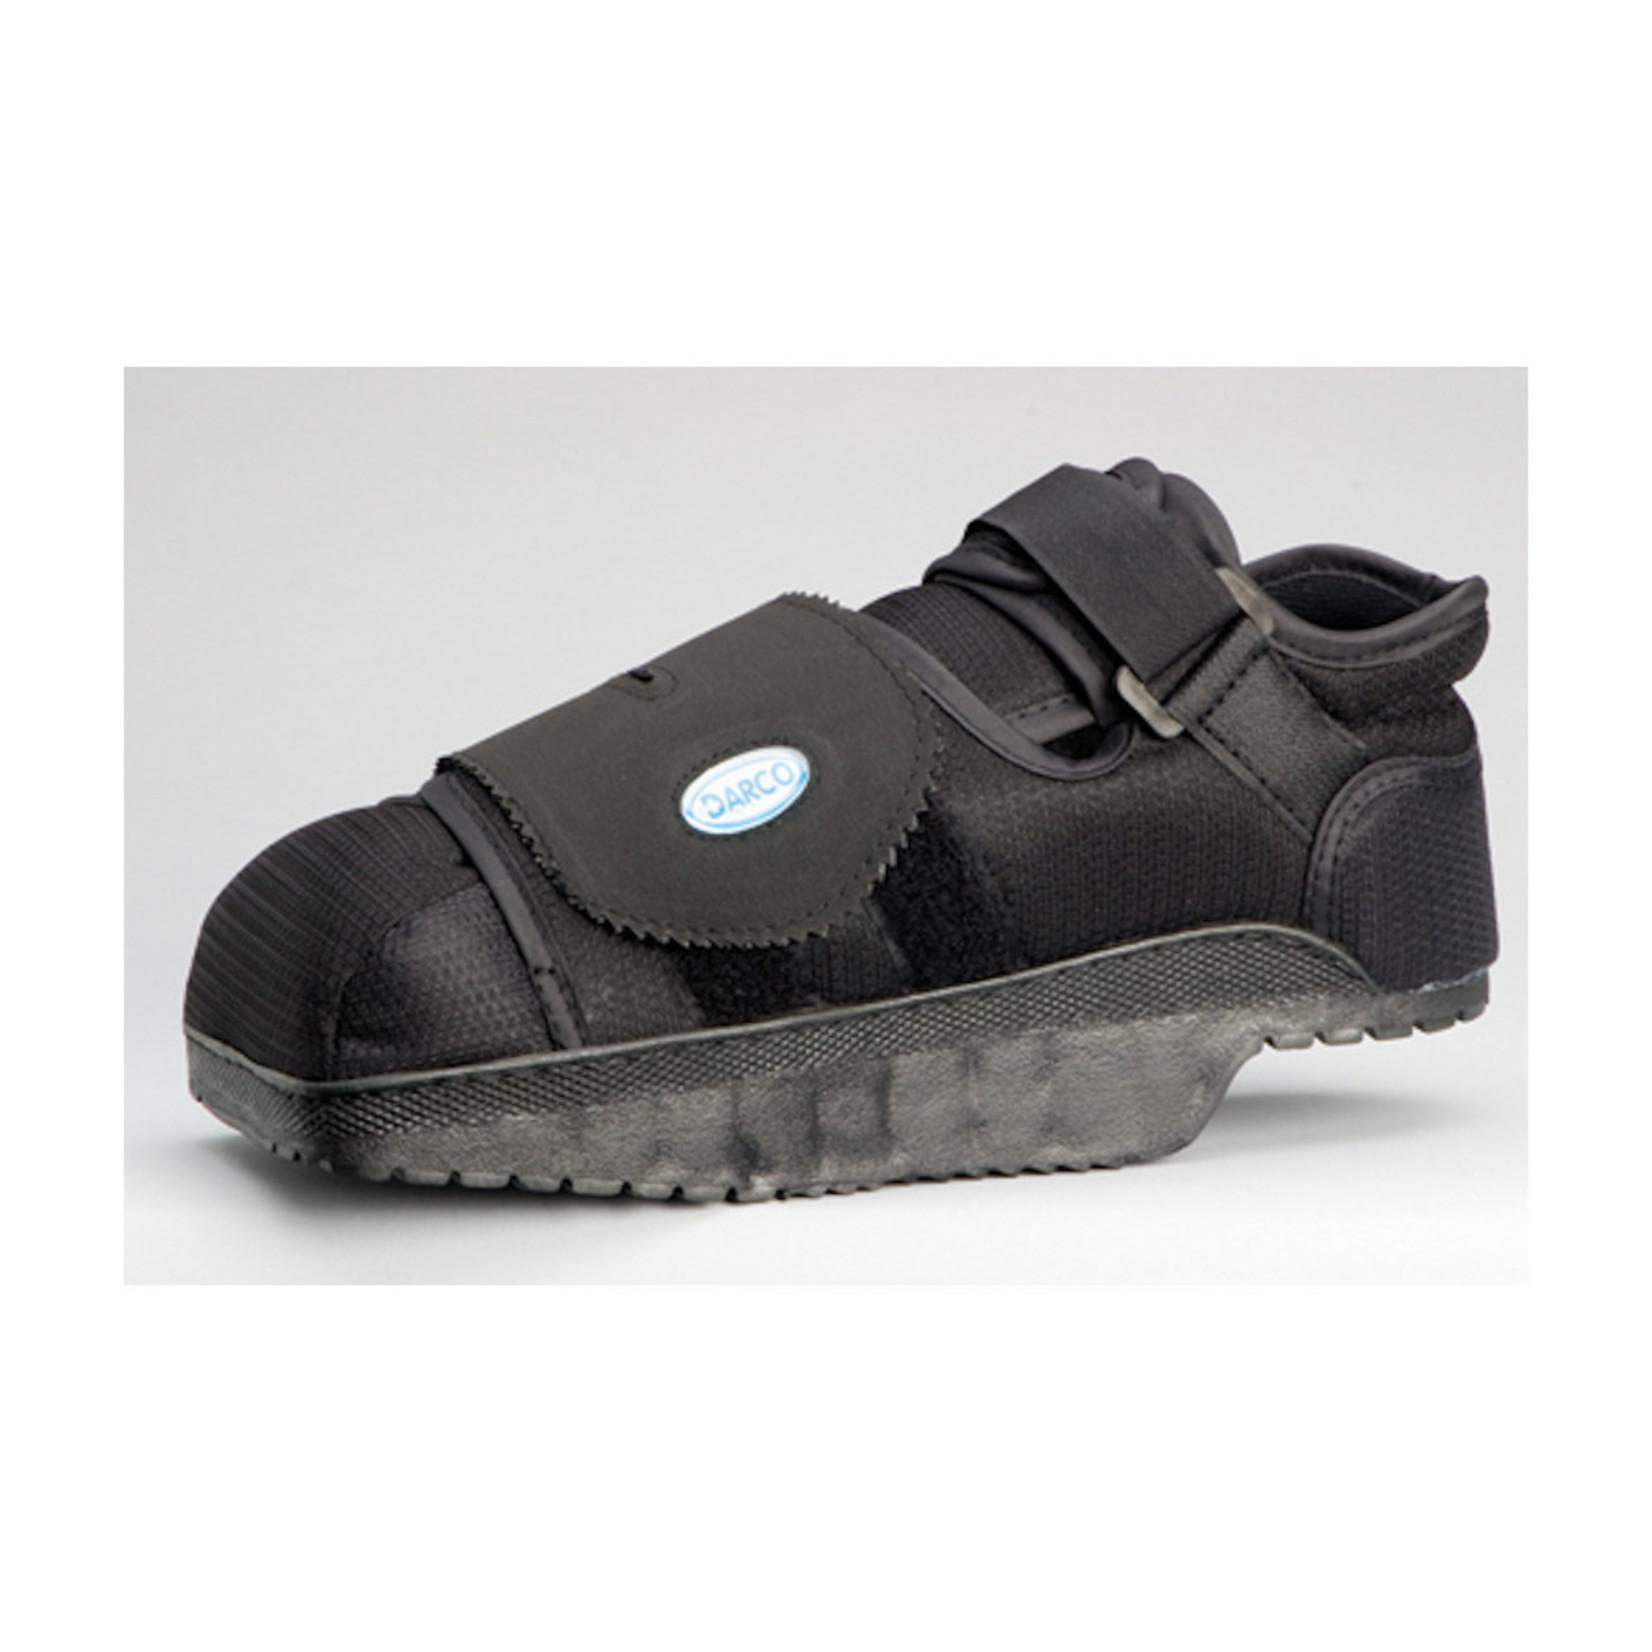 Darco Heel Wedge - Medium